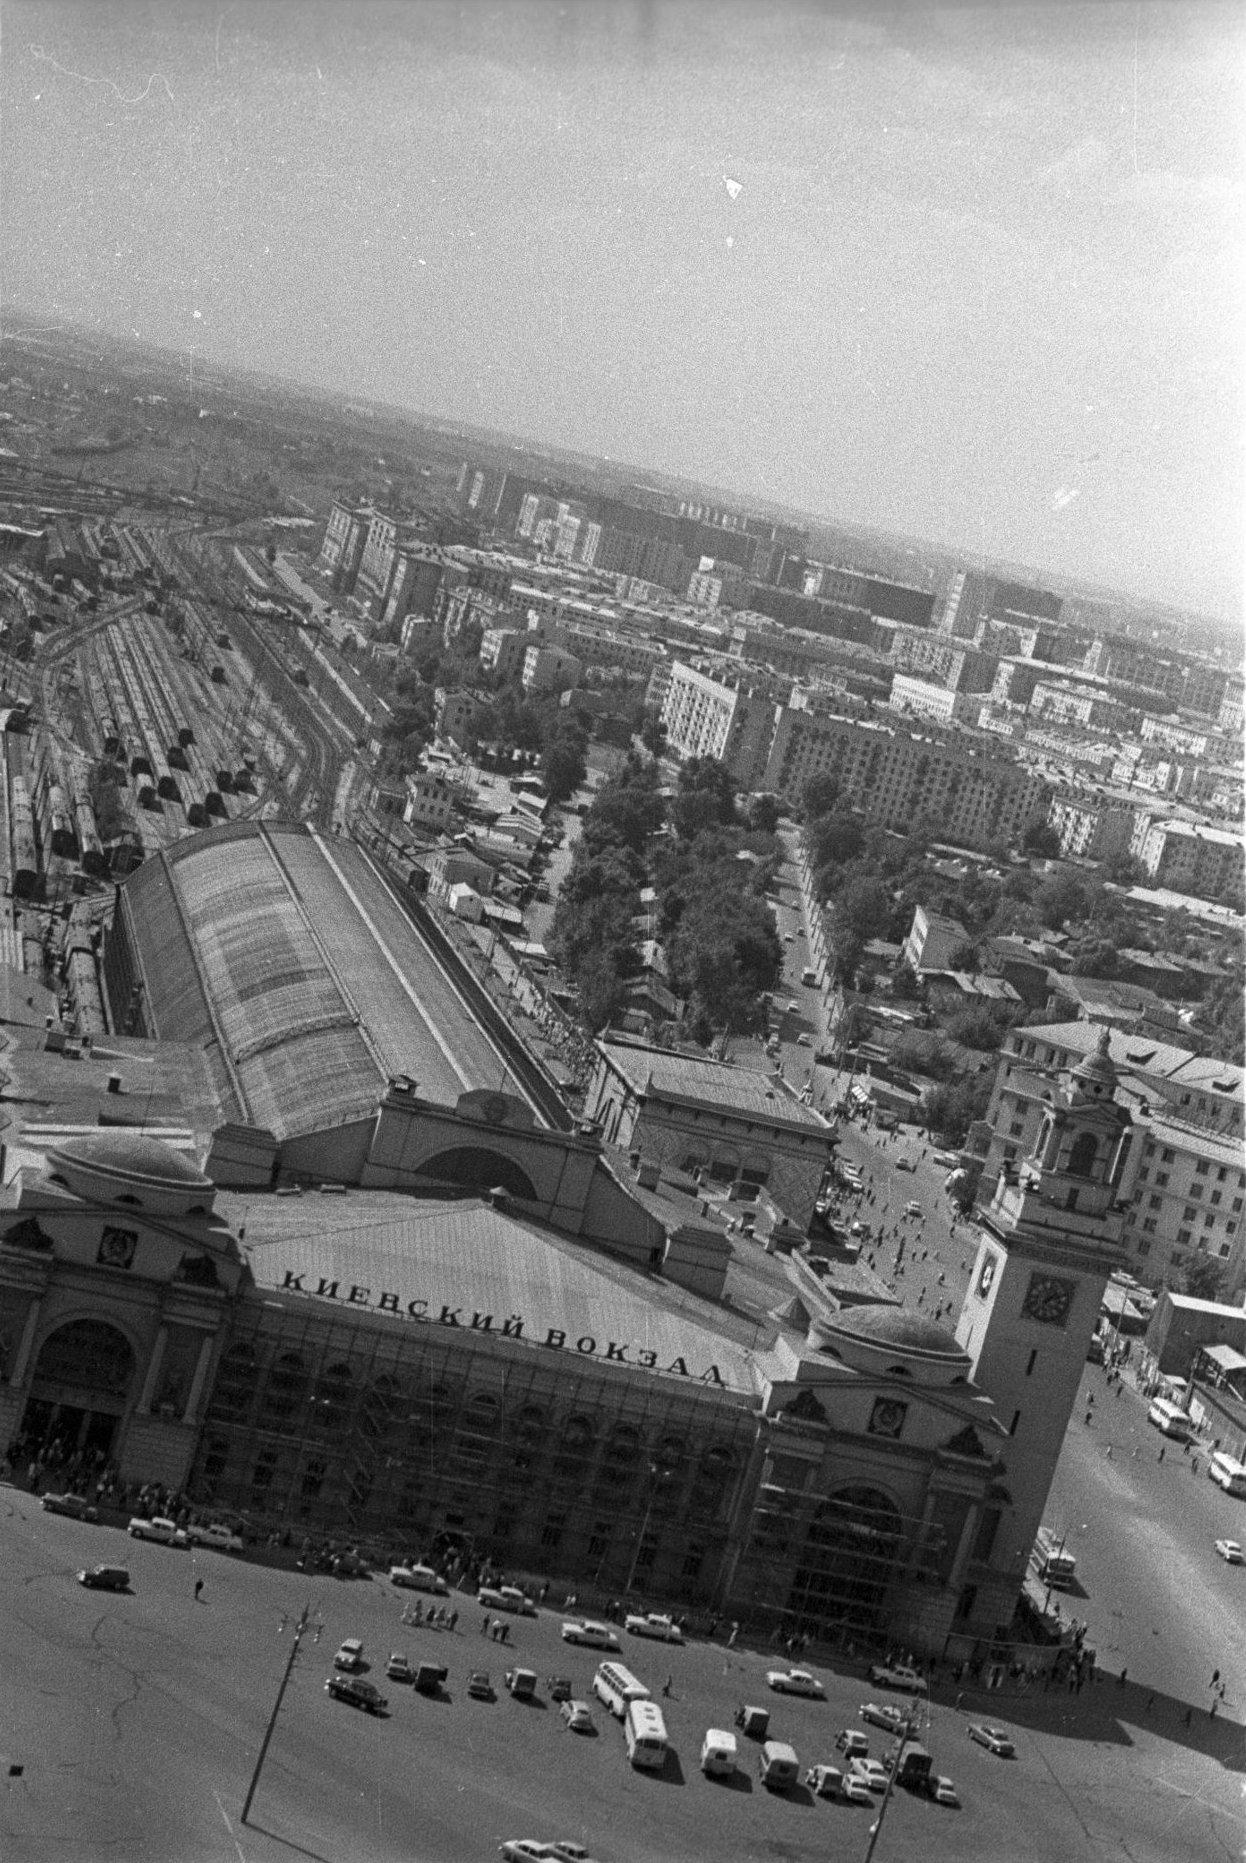 1967. Киевский вокзал